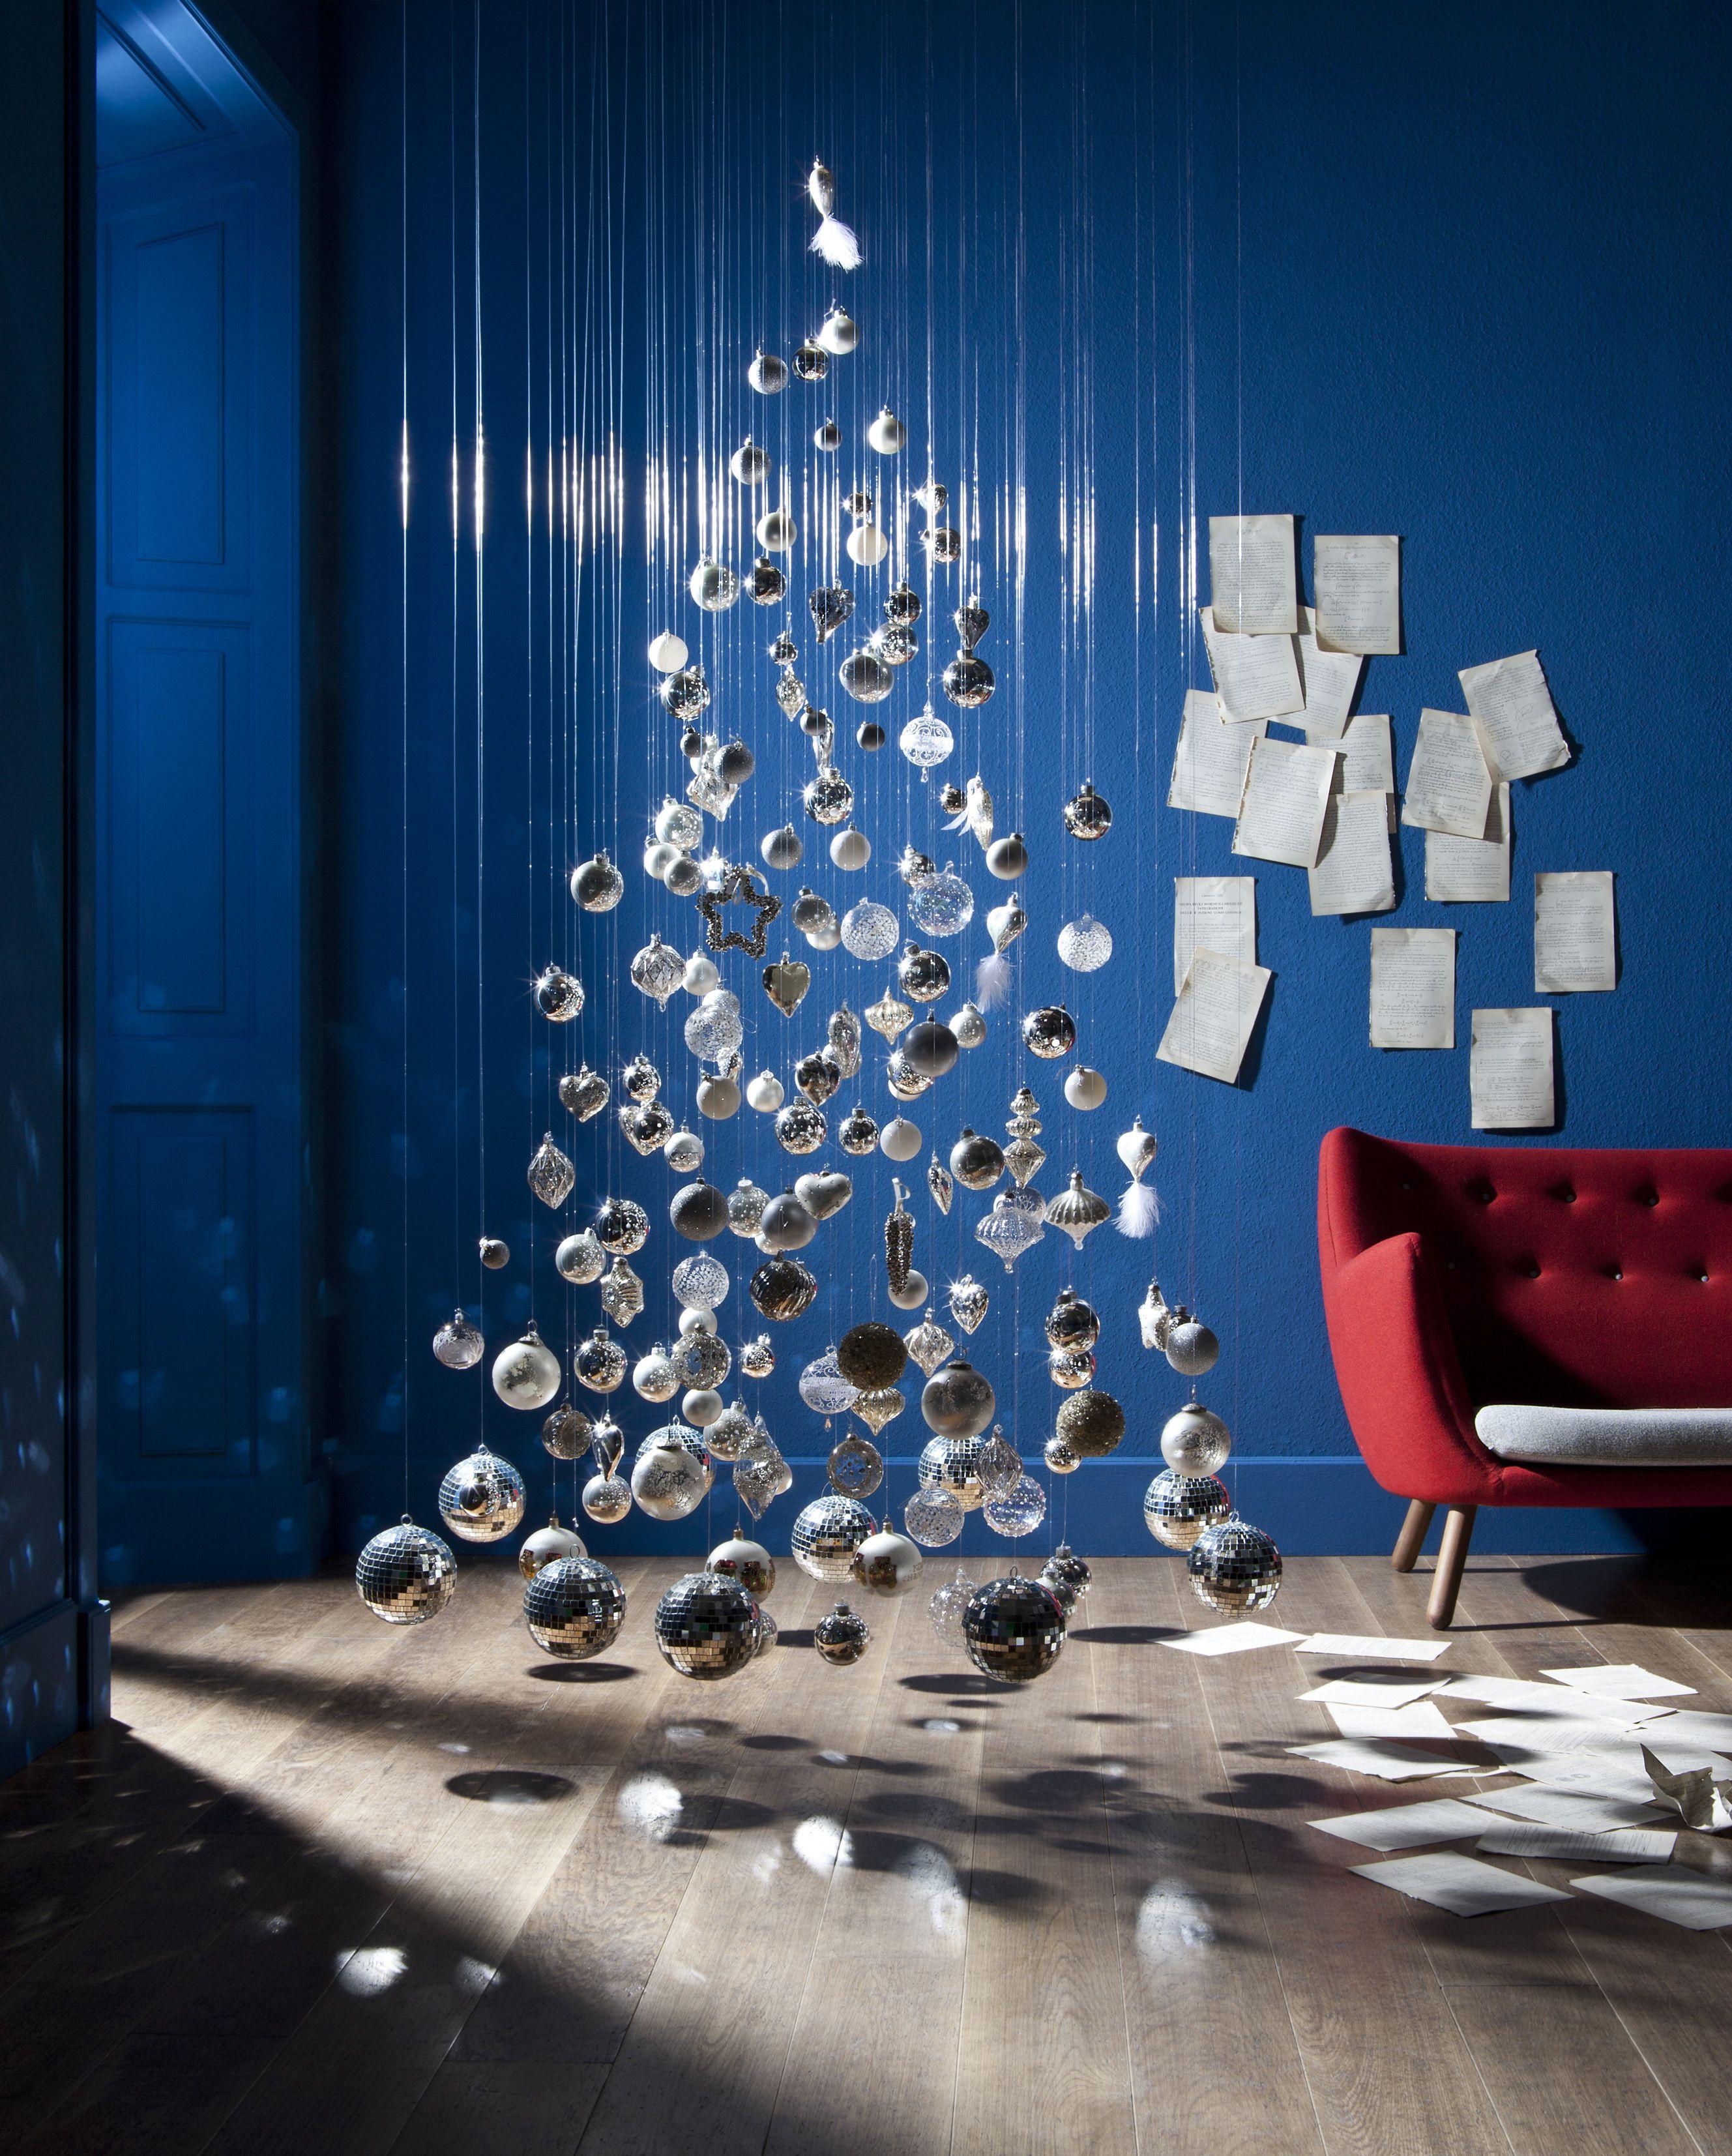 Decorazioni Natalizie Low Cost 20 idee creative per addobbare l'albero di natale low cost